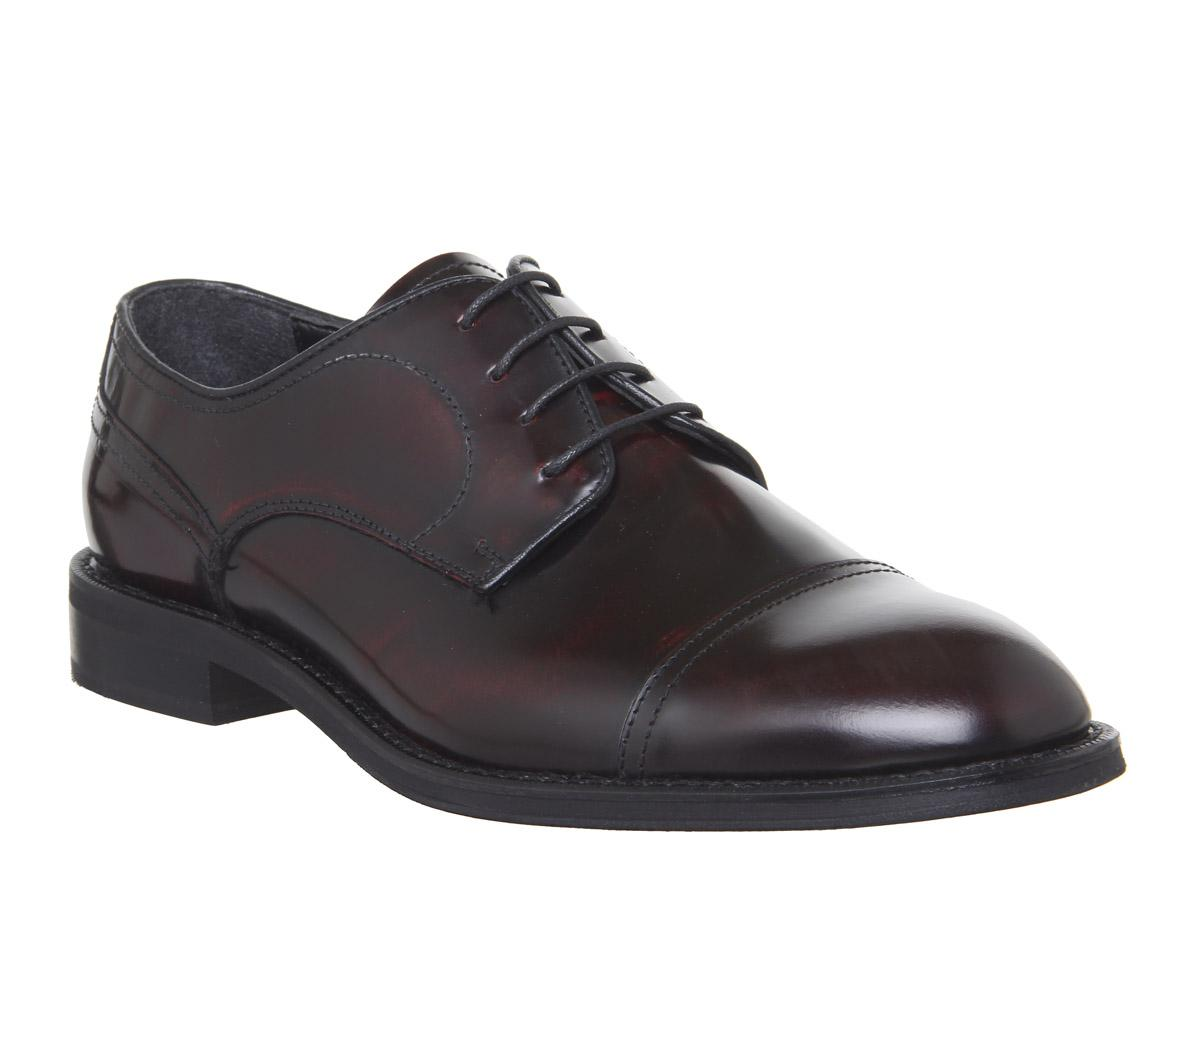 Inquest Toecap Shoes